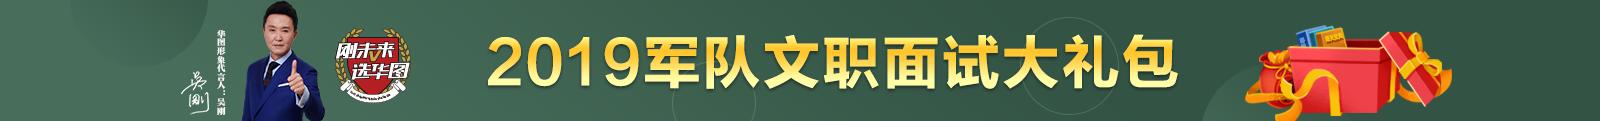 2019年軍隊文職招錄考試面試大禮包